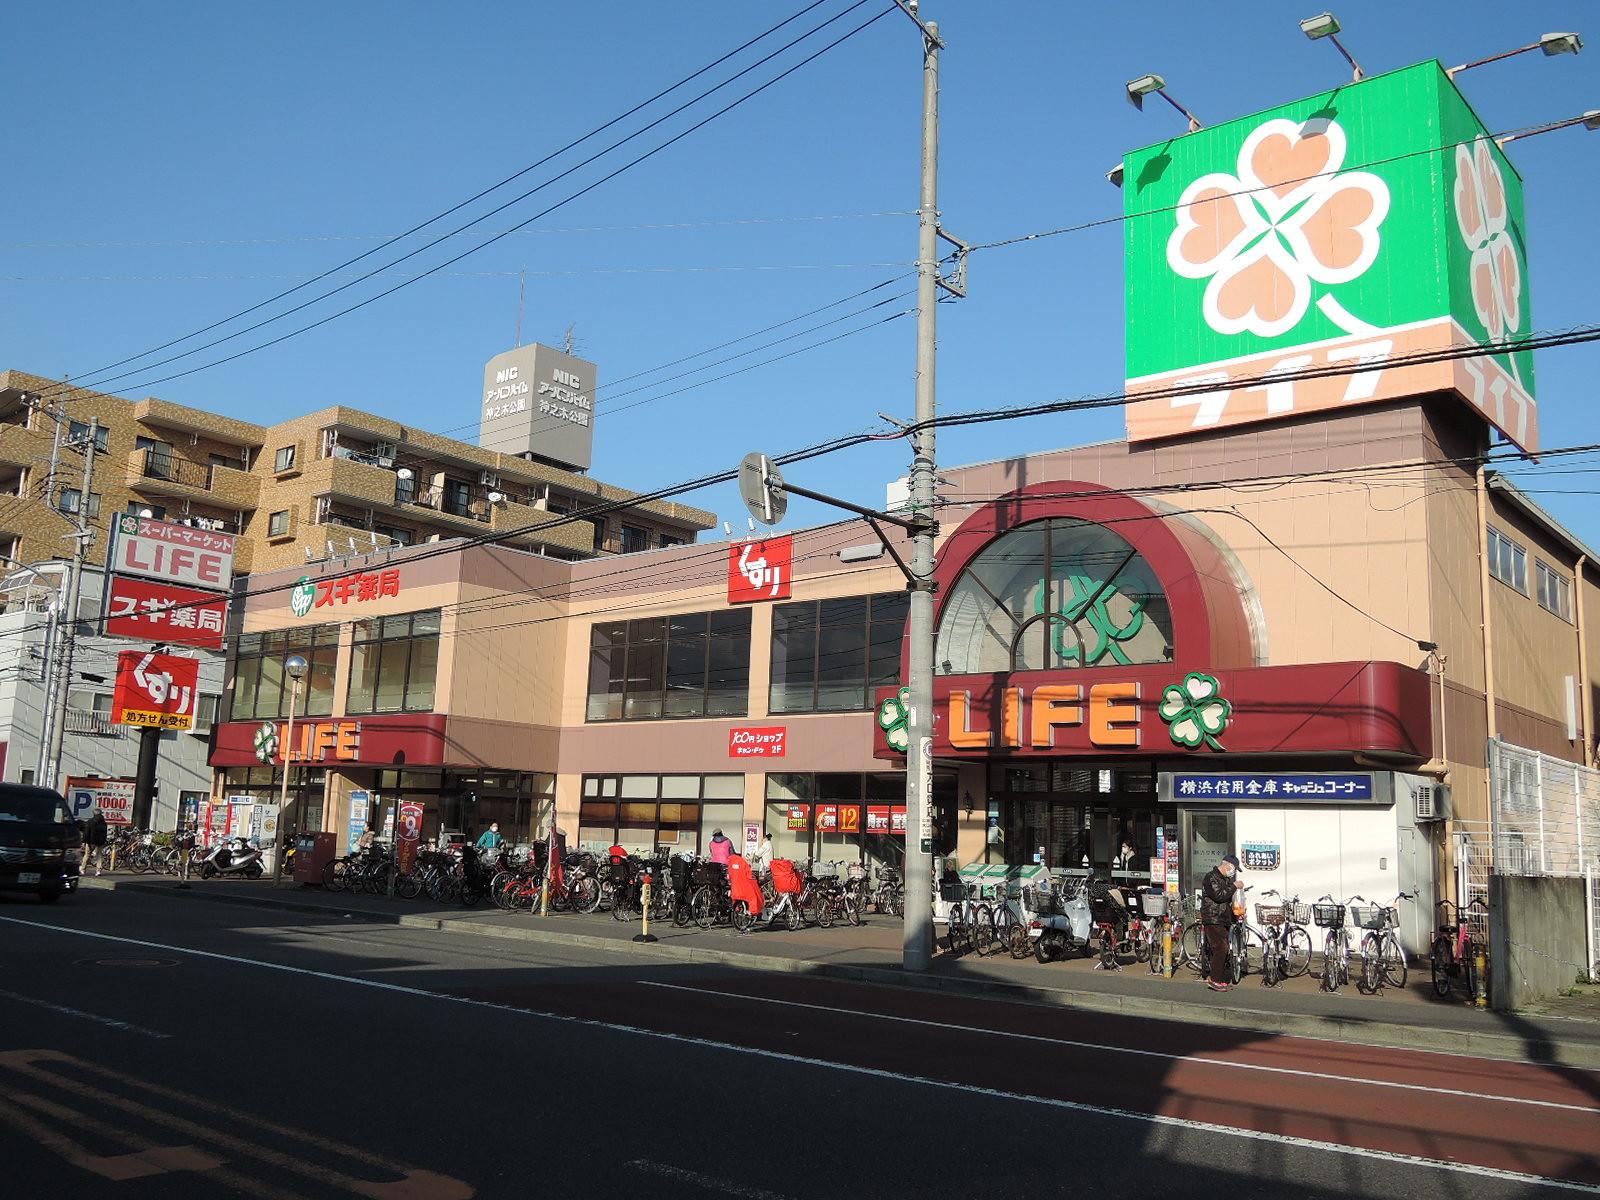 道路向かい側にスーパーマーケットその2